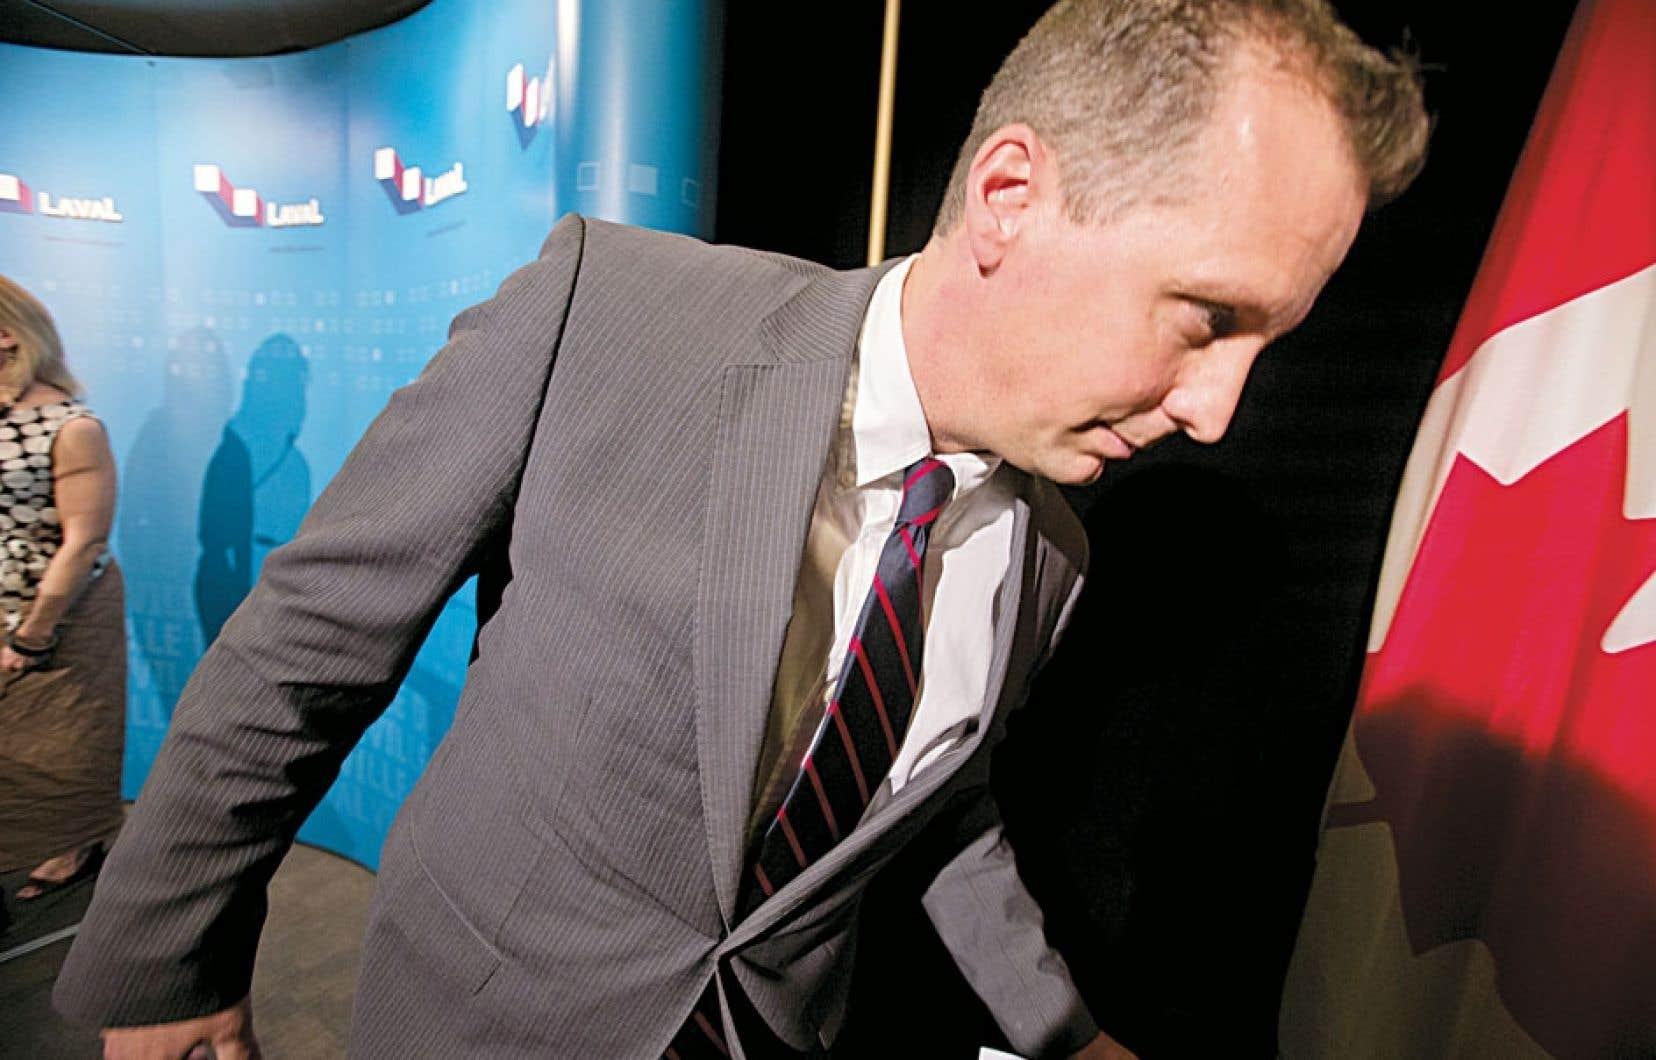 <div> Le maire par int&eacute;rim de Laval, Alexandre Duplessis, a accept&eacute; de r&eacute;pondre aux questions journalistes, mardi, &agrave; l&rsquo;occasion de l&rsquo;entr&eacute;e en vigueur de la mise sous tutelle de la Ville, qui co&iuml;ncidait avec le jour de la s&eacute;ance mensuelle du conseil municipal.</div>